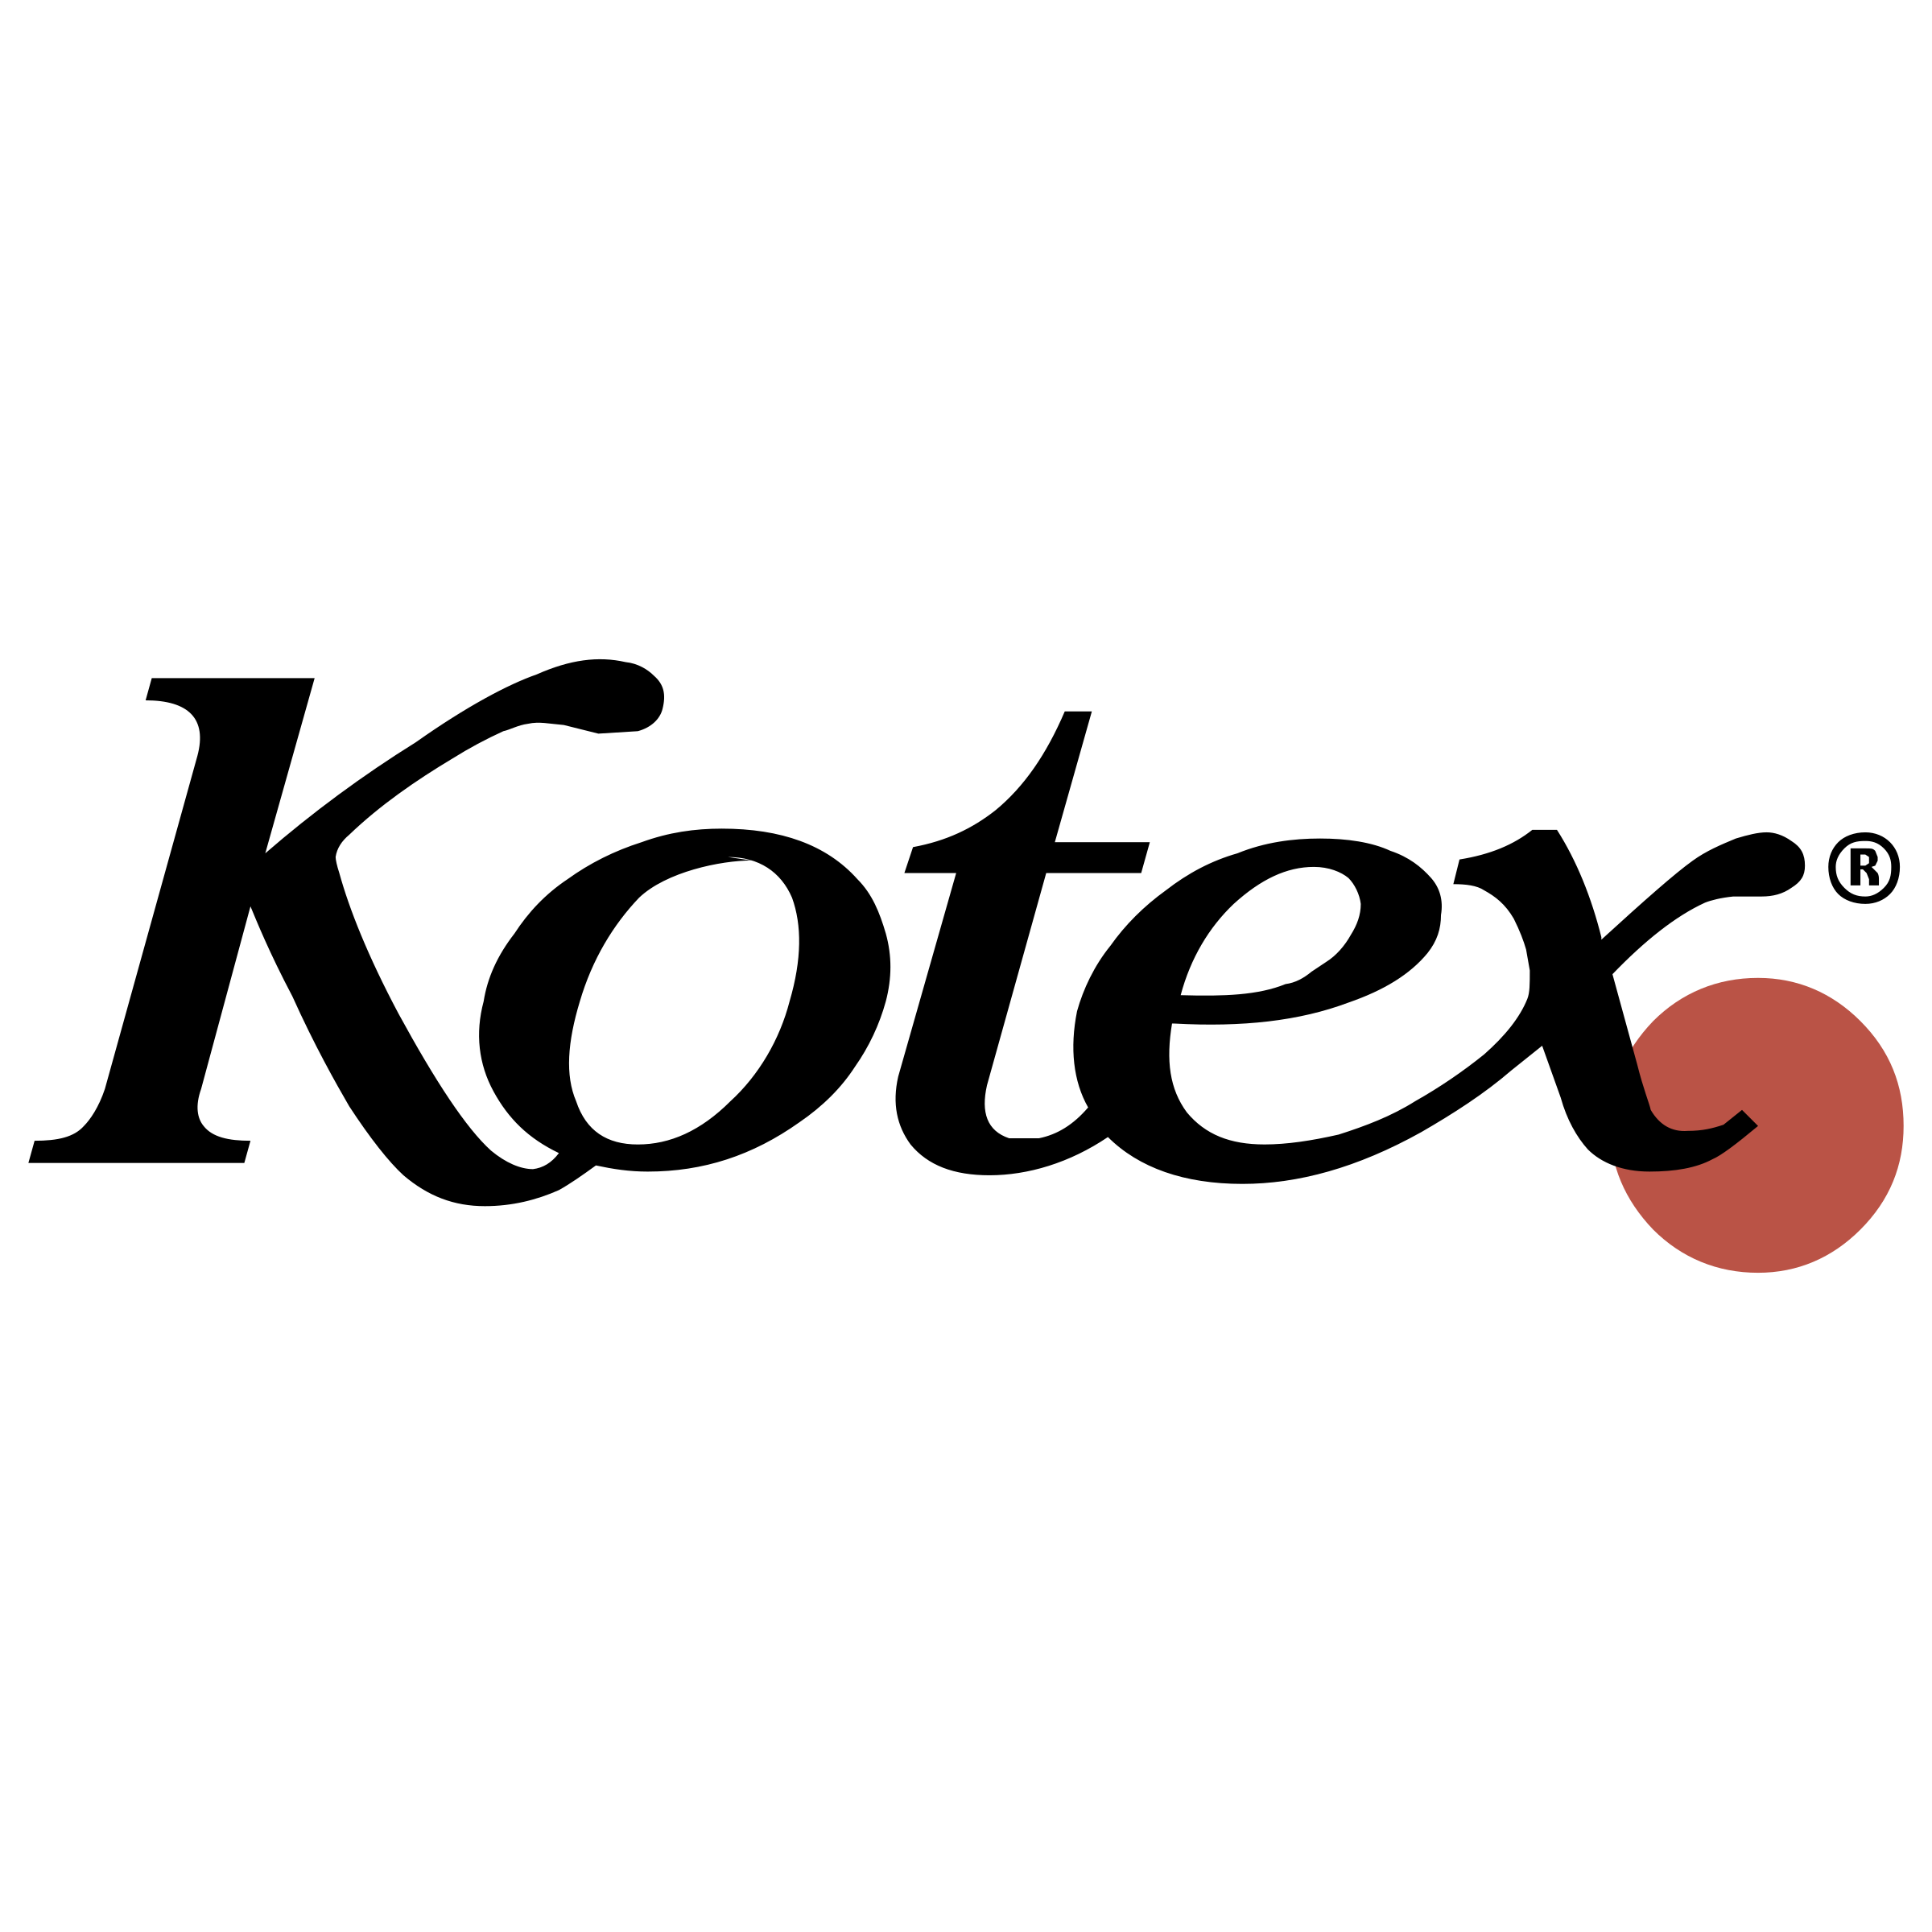 Kotex logo png 3 » PNG Image.